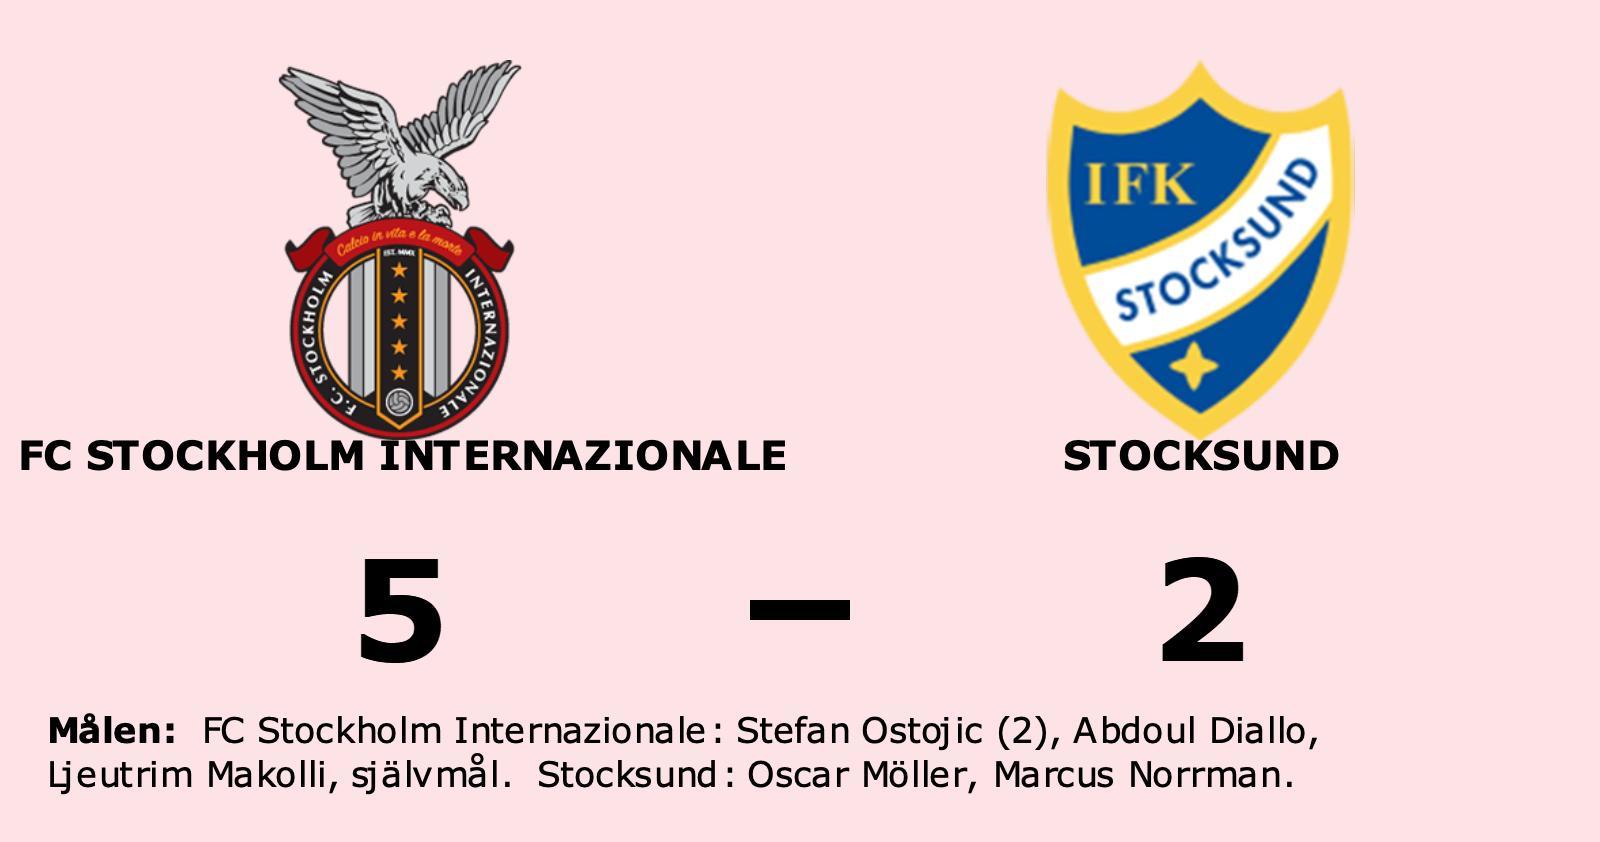 Formstarka FC Stockholm Internazionale tog ännu en seger